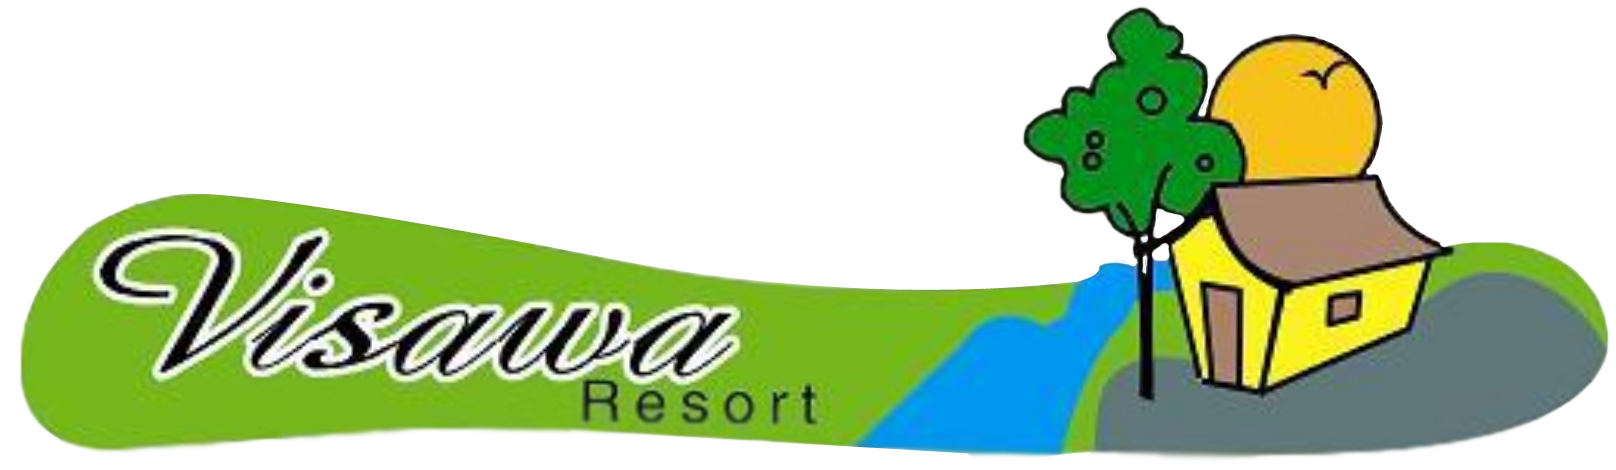 Visawa resort truly amazing. Farmers clipart farmer maharashtra